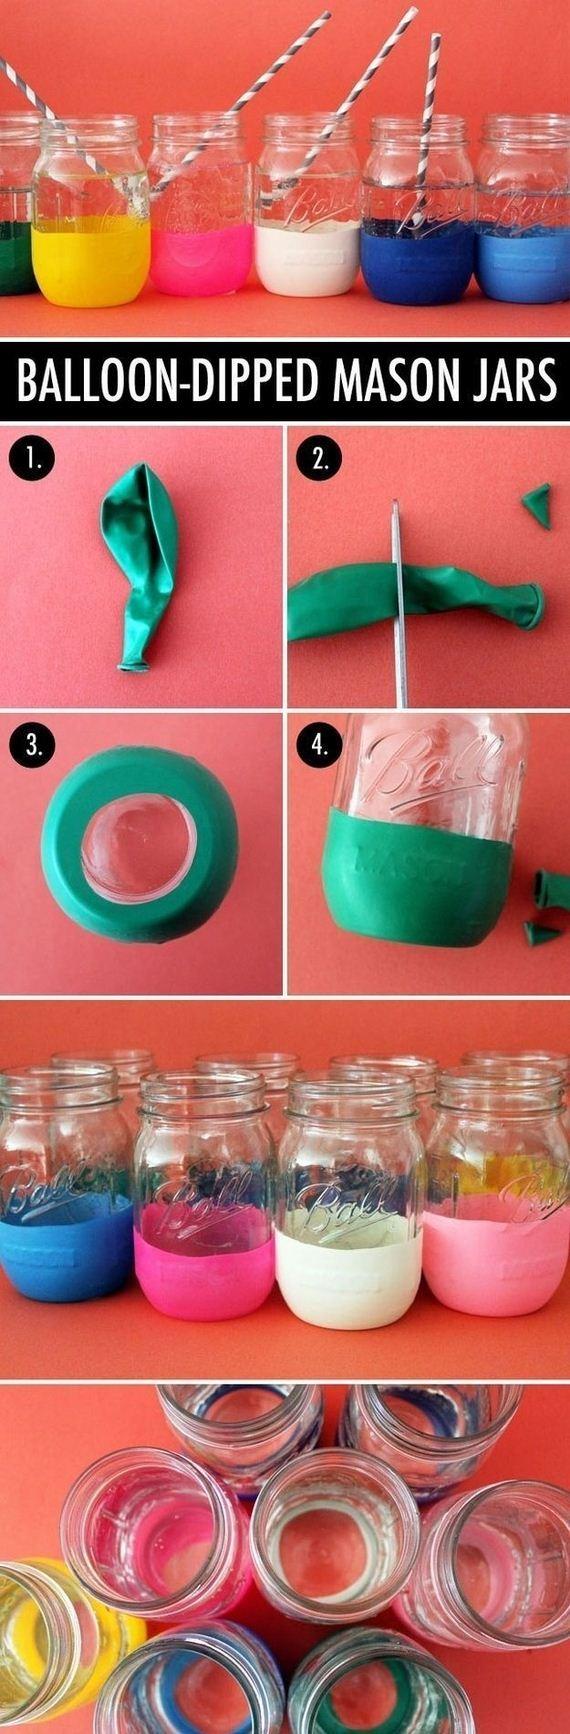 06-Amazing-DIY-Crafts